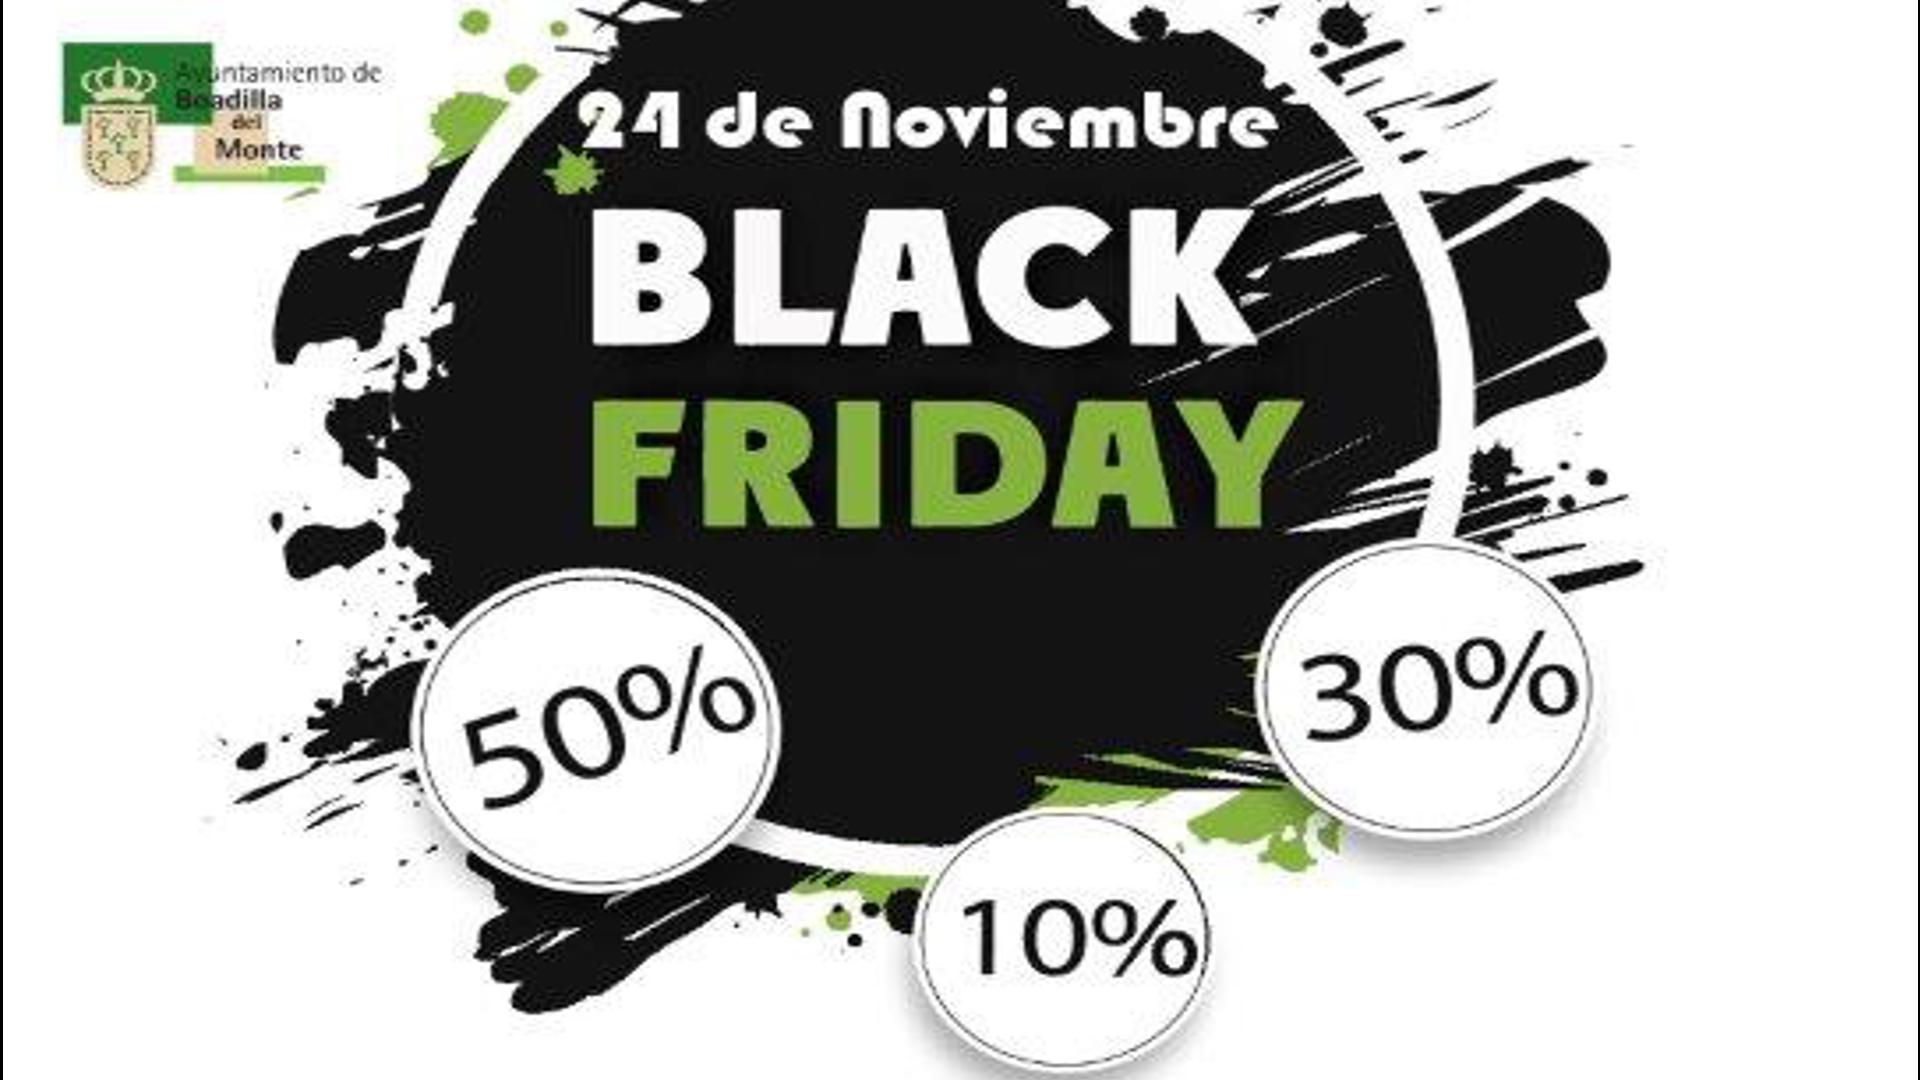 El black friday hasta las doce de la noche en boadilla - Black friday tenerife 2017 ...